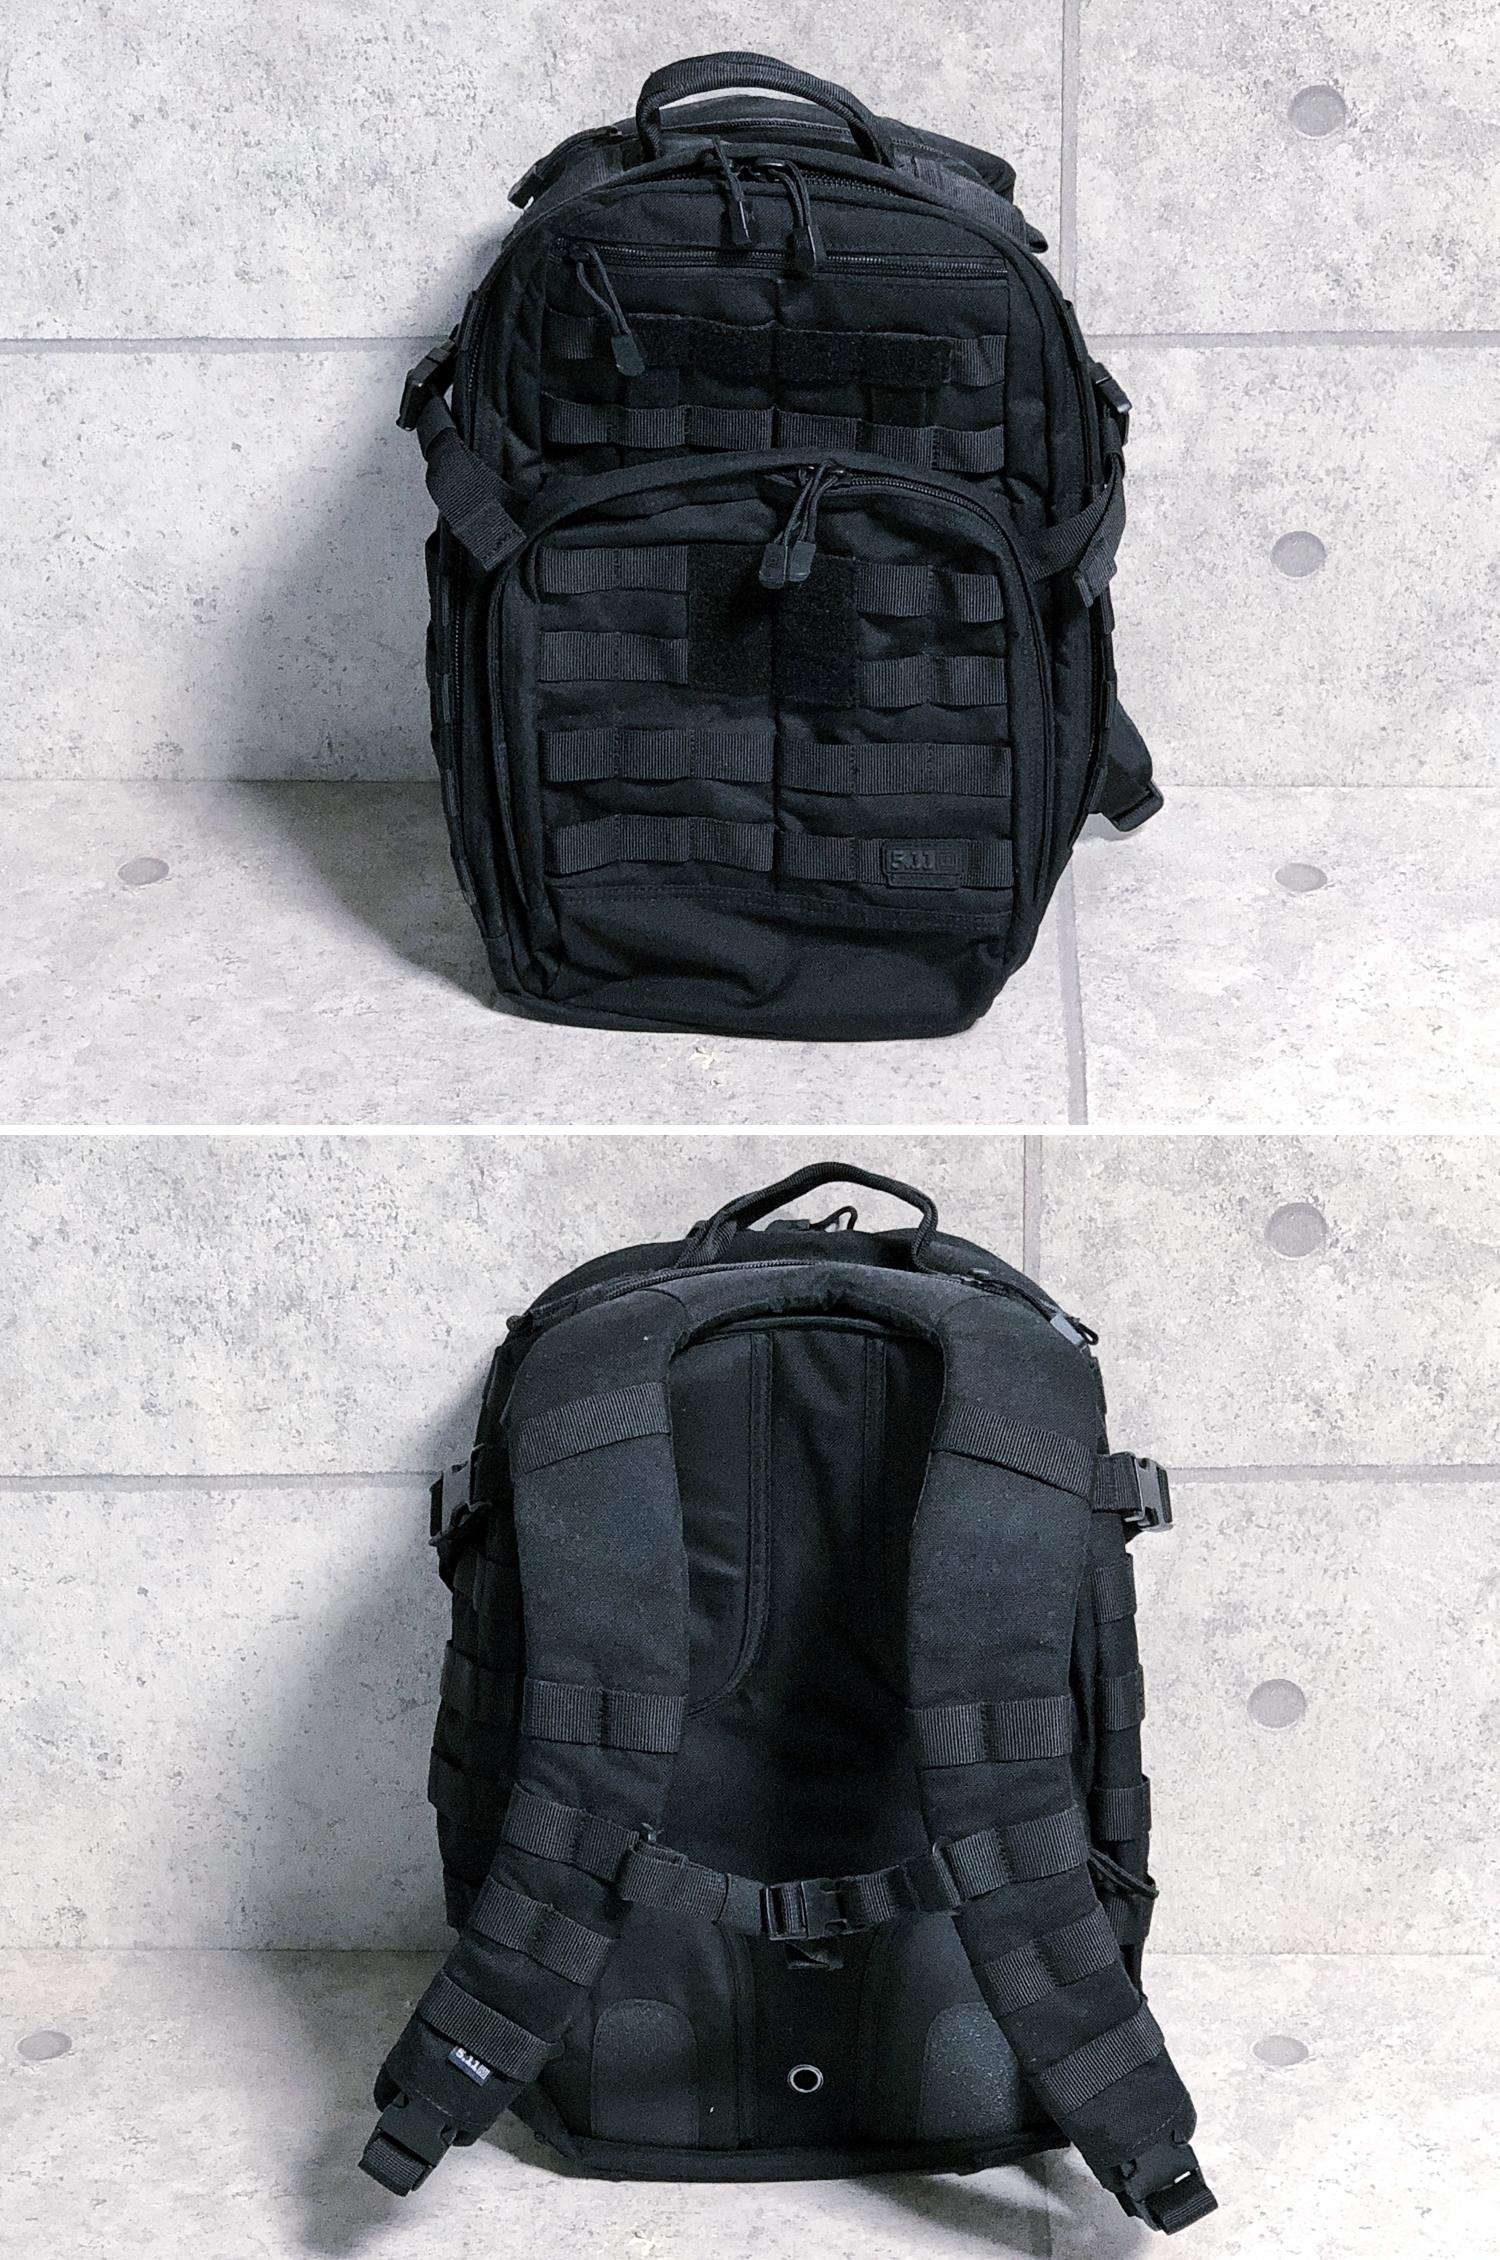 4 実物 511 Tactical RUSH 12 BACKPACK CUSTOM!! ライフルケース・ストラップシステム・ポーチ・ワッペン・ITW TAC LINKなど!! ファイブイレブン タクティカル ラッシュ バックパック カスタム!! 購入 取付 レビュ